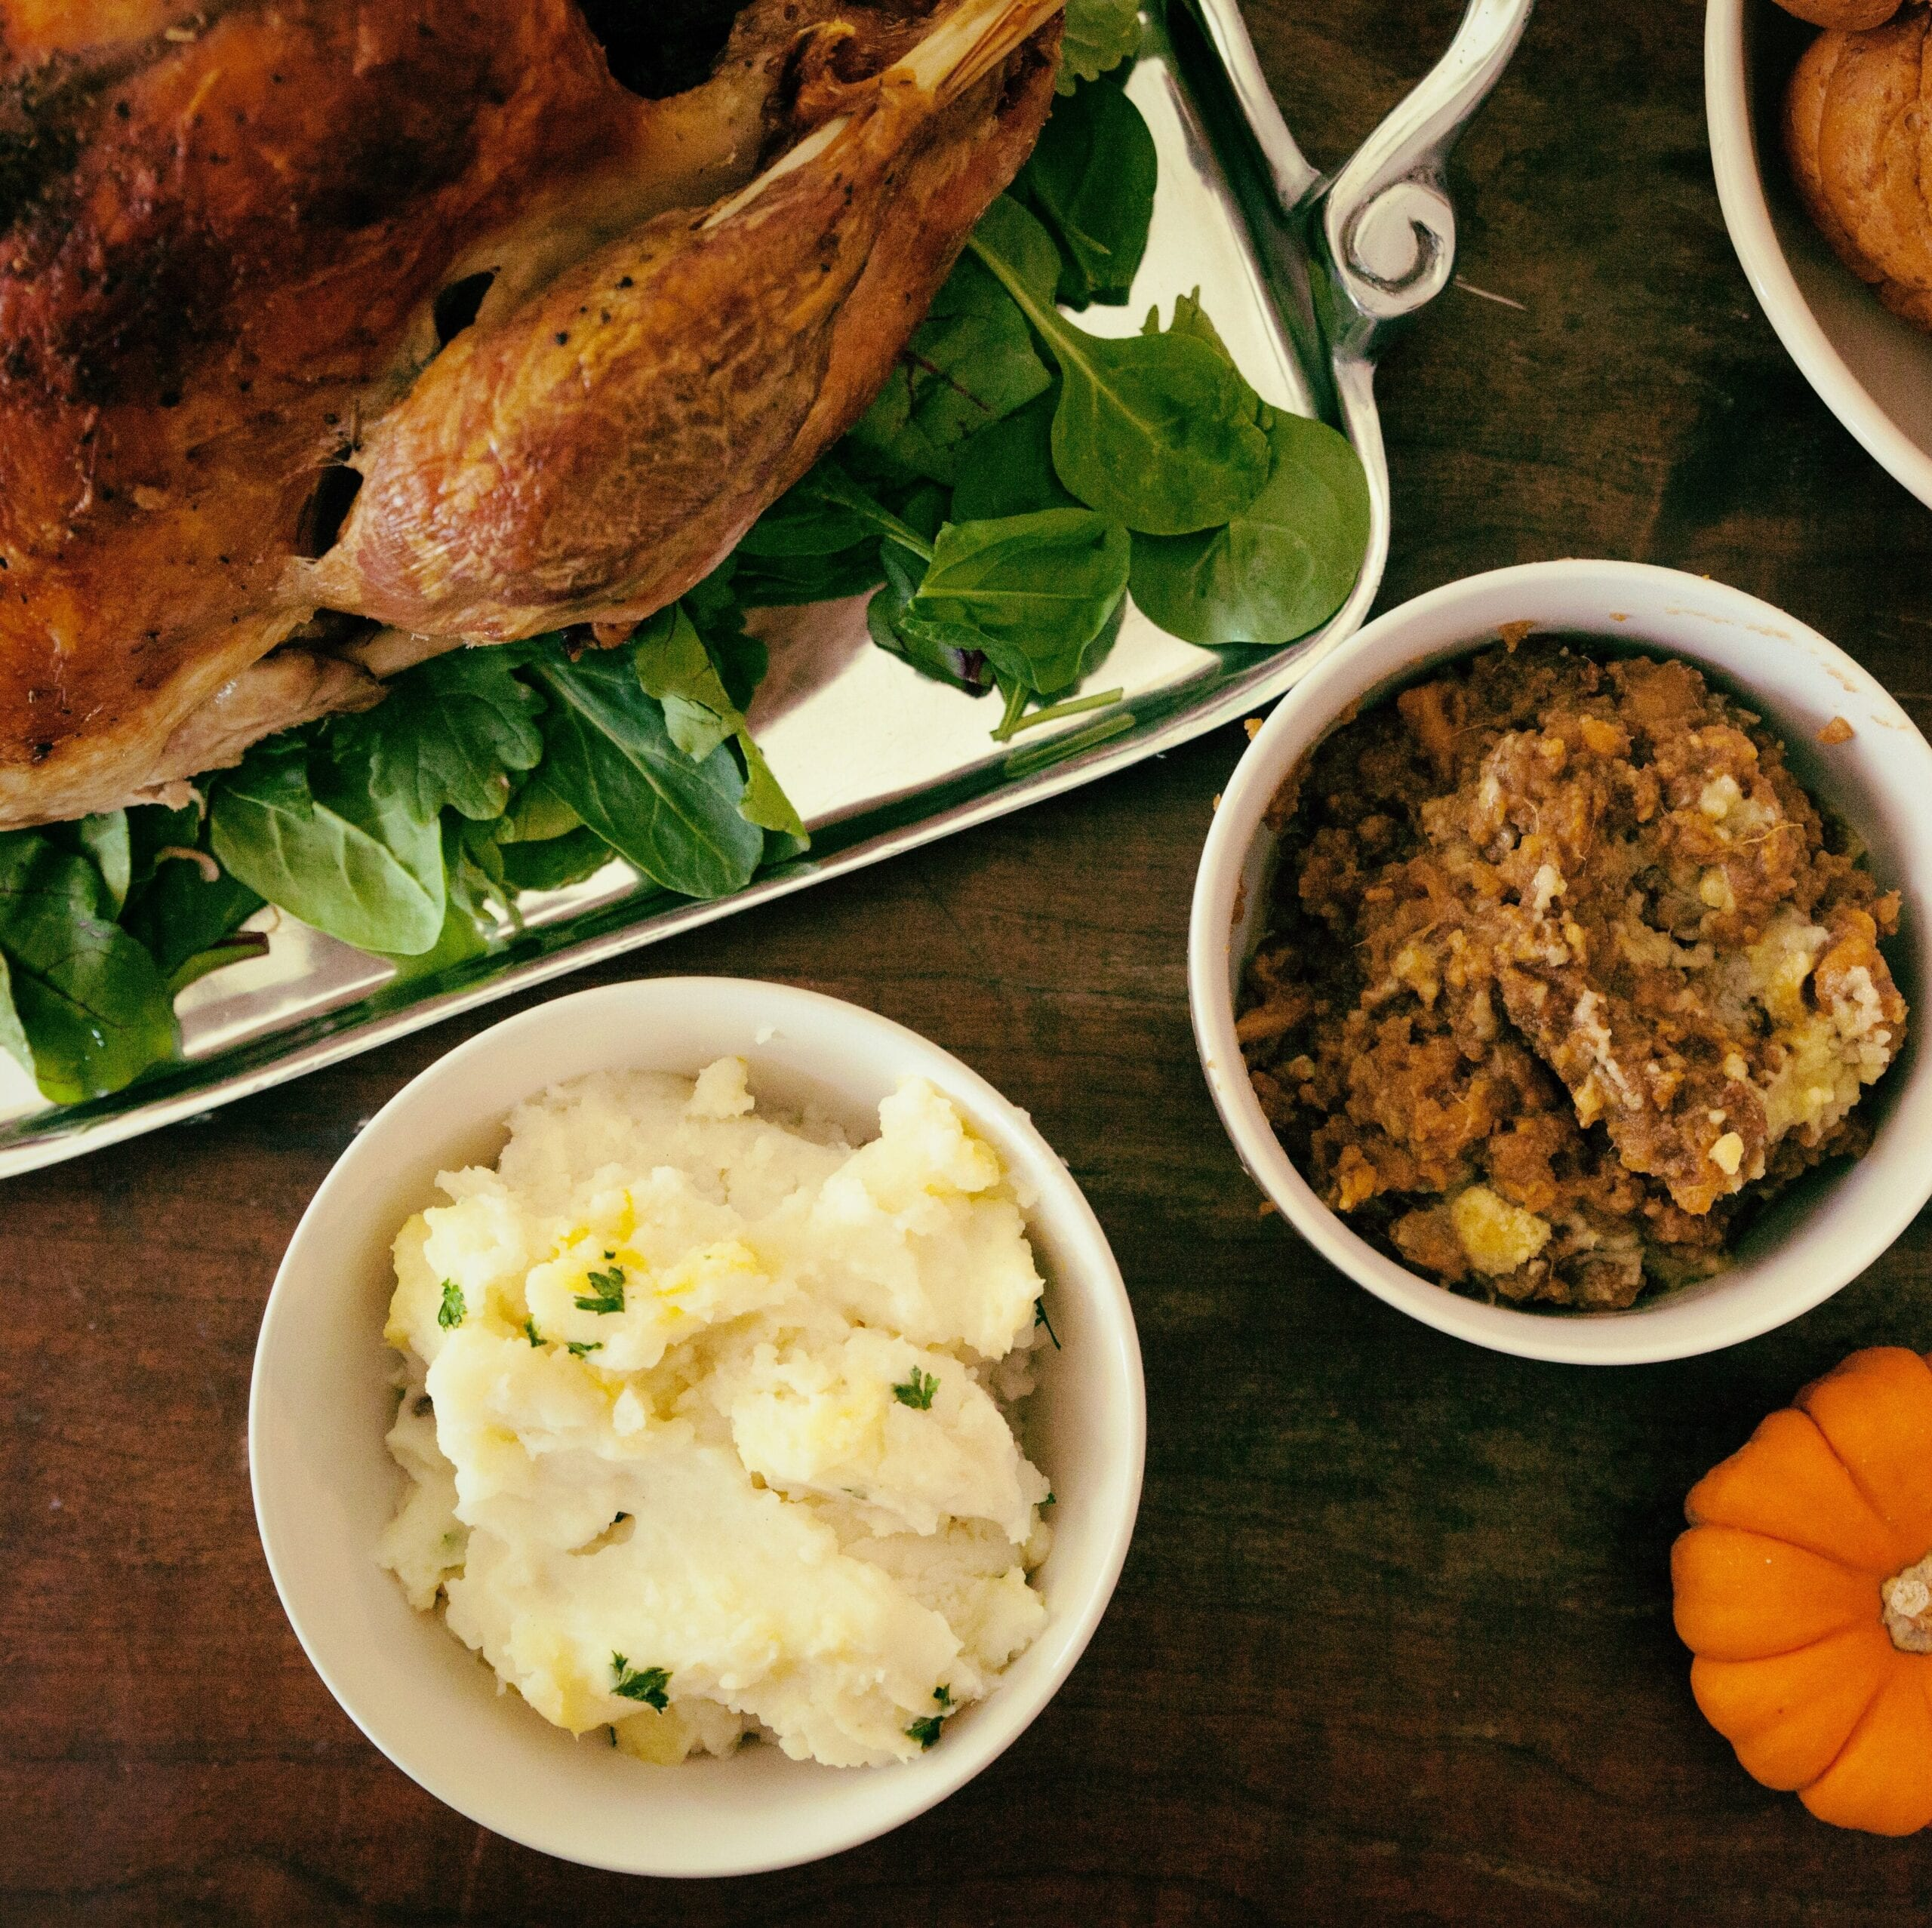 Cena de Thanksgiving. Imagen de  Pro Church Media vía Unsplash